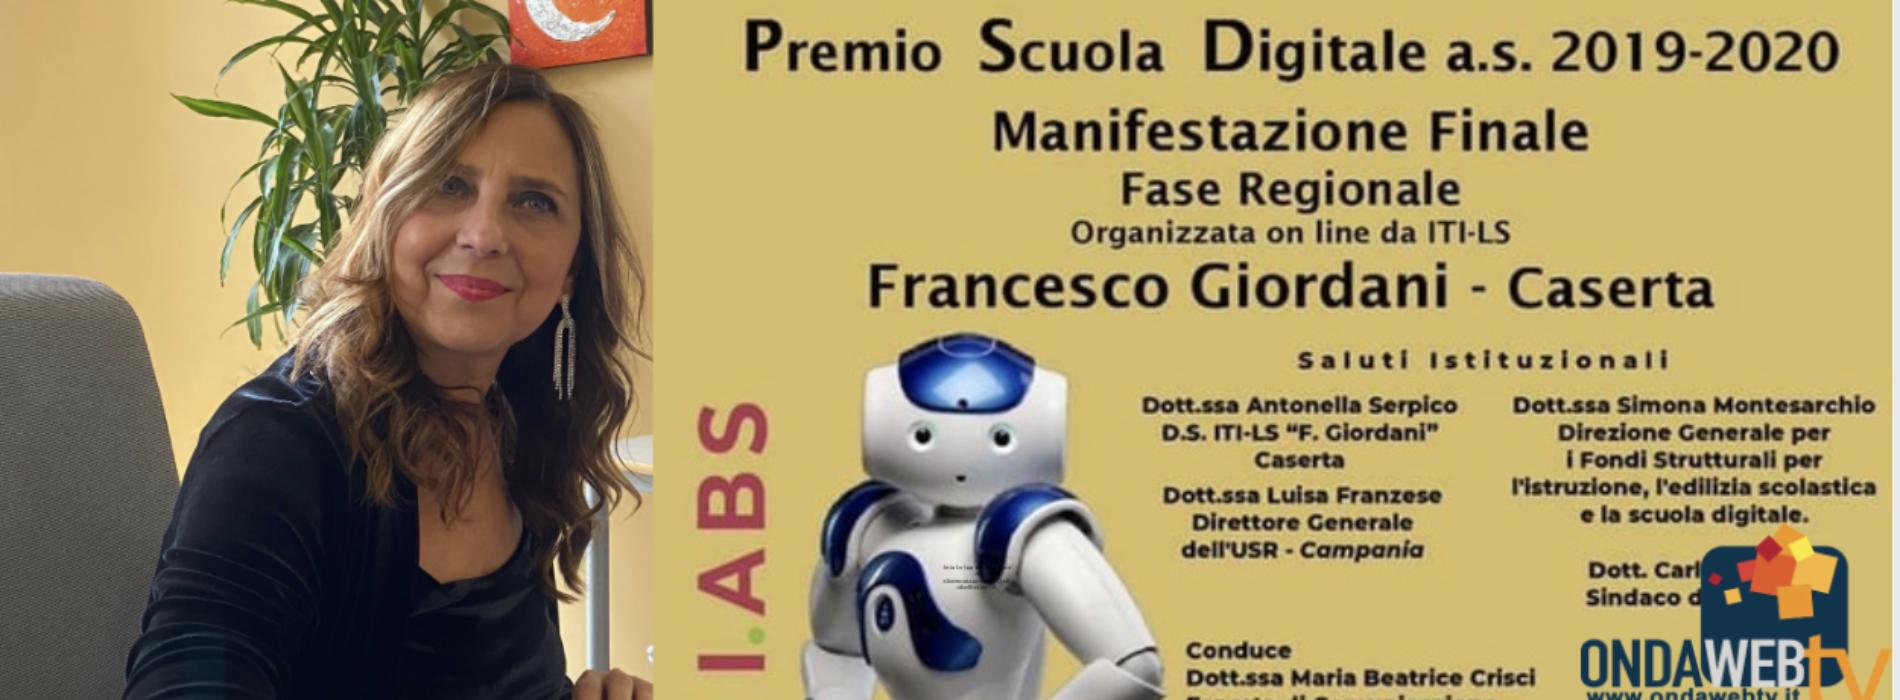 Premio Scuola Digitale, le scuole  online per la finale regionale